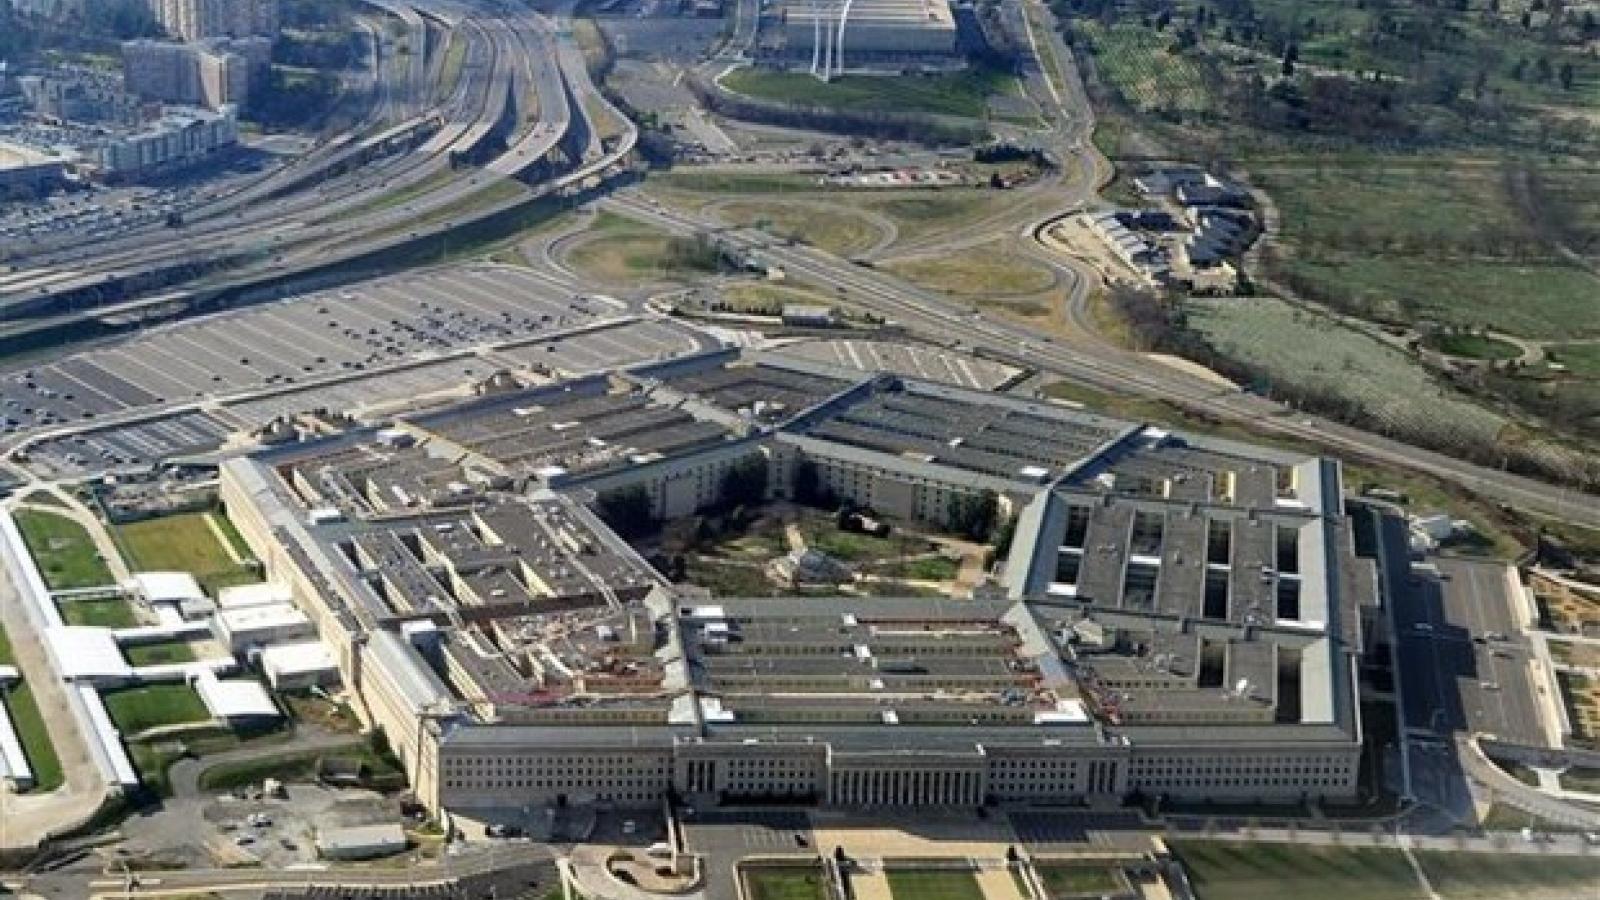 Lầu Năm Góc thừa nhận có dân thường thương vong trong vụ không kích ở Kabul